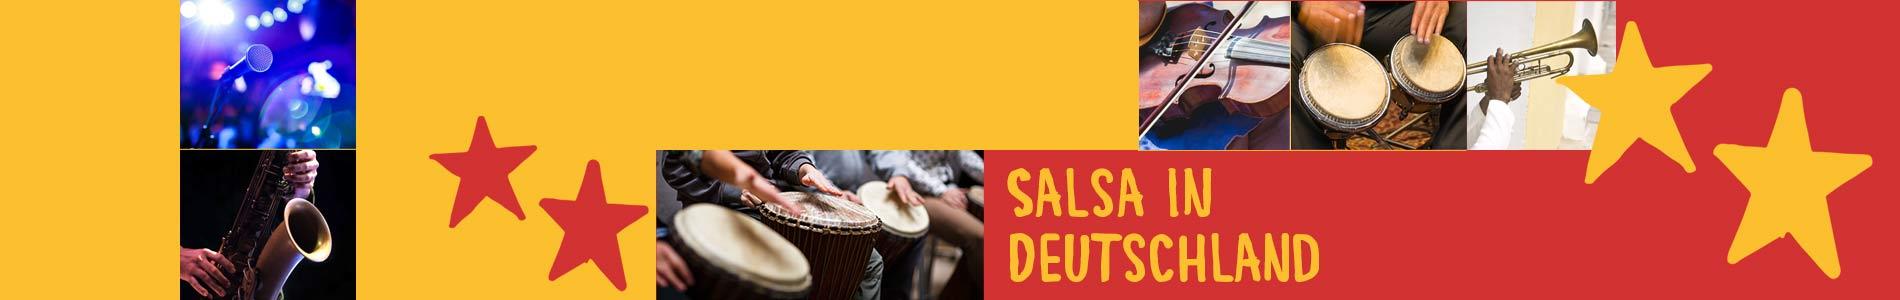 Salsa in Diebach – Salsa lernen und tanzen, Tanzkurse, Partys, Veranstaltungen